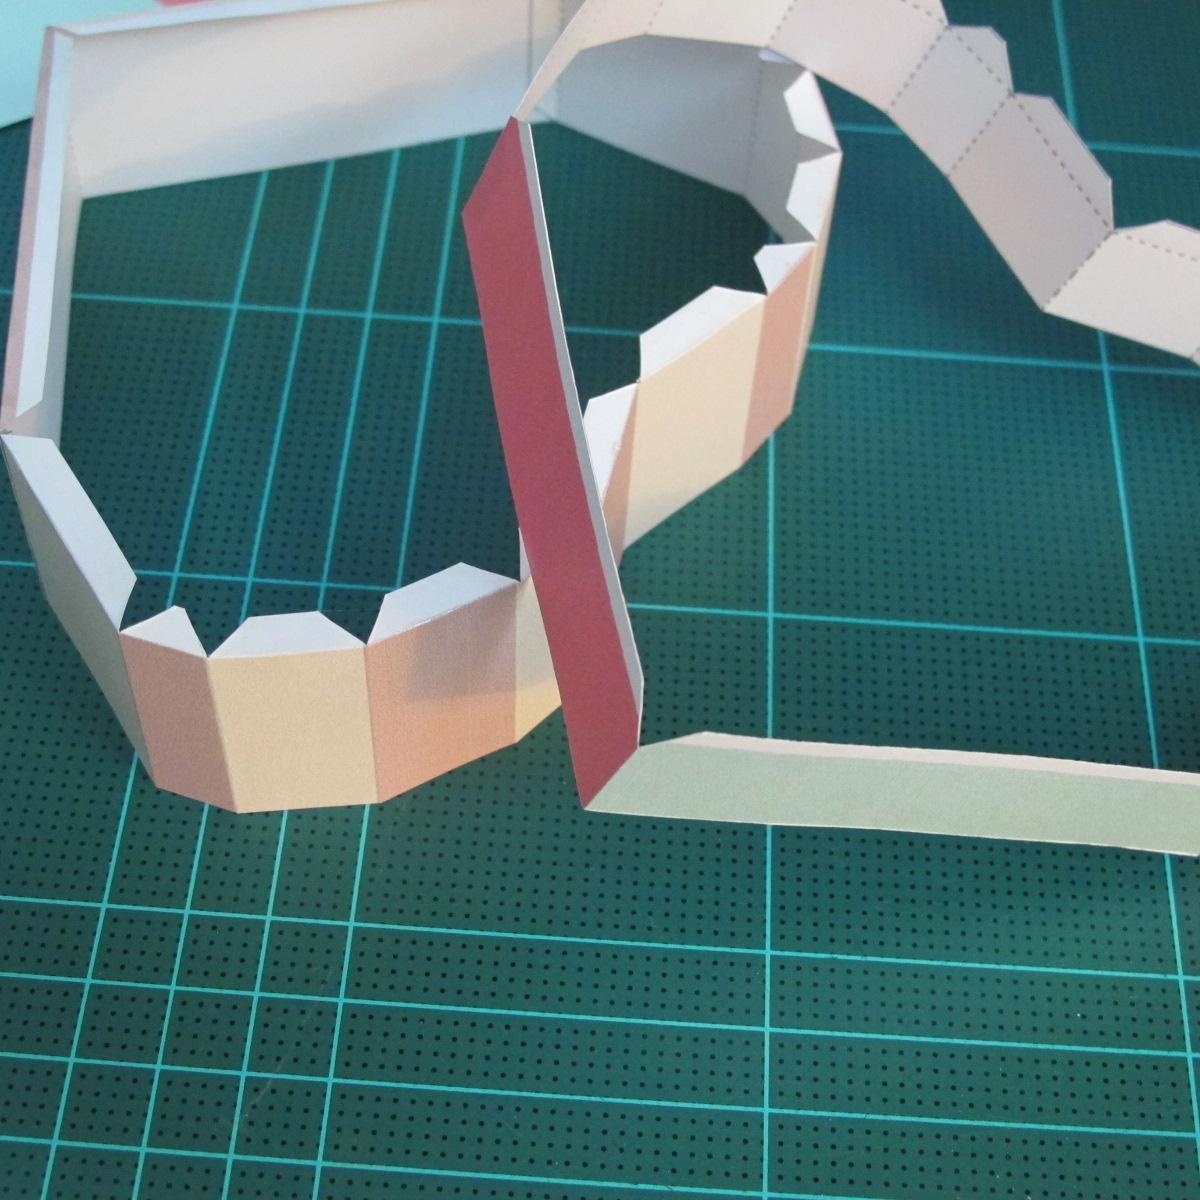 วิธีทำโมเดลกระดาษเป็นกล่องของขวัญรูปหัวใจ (Heart Box Papercraft Model) 008